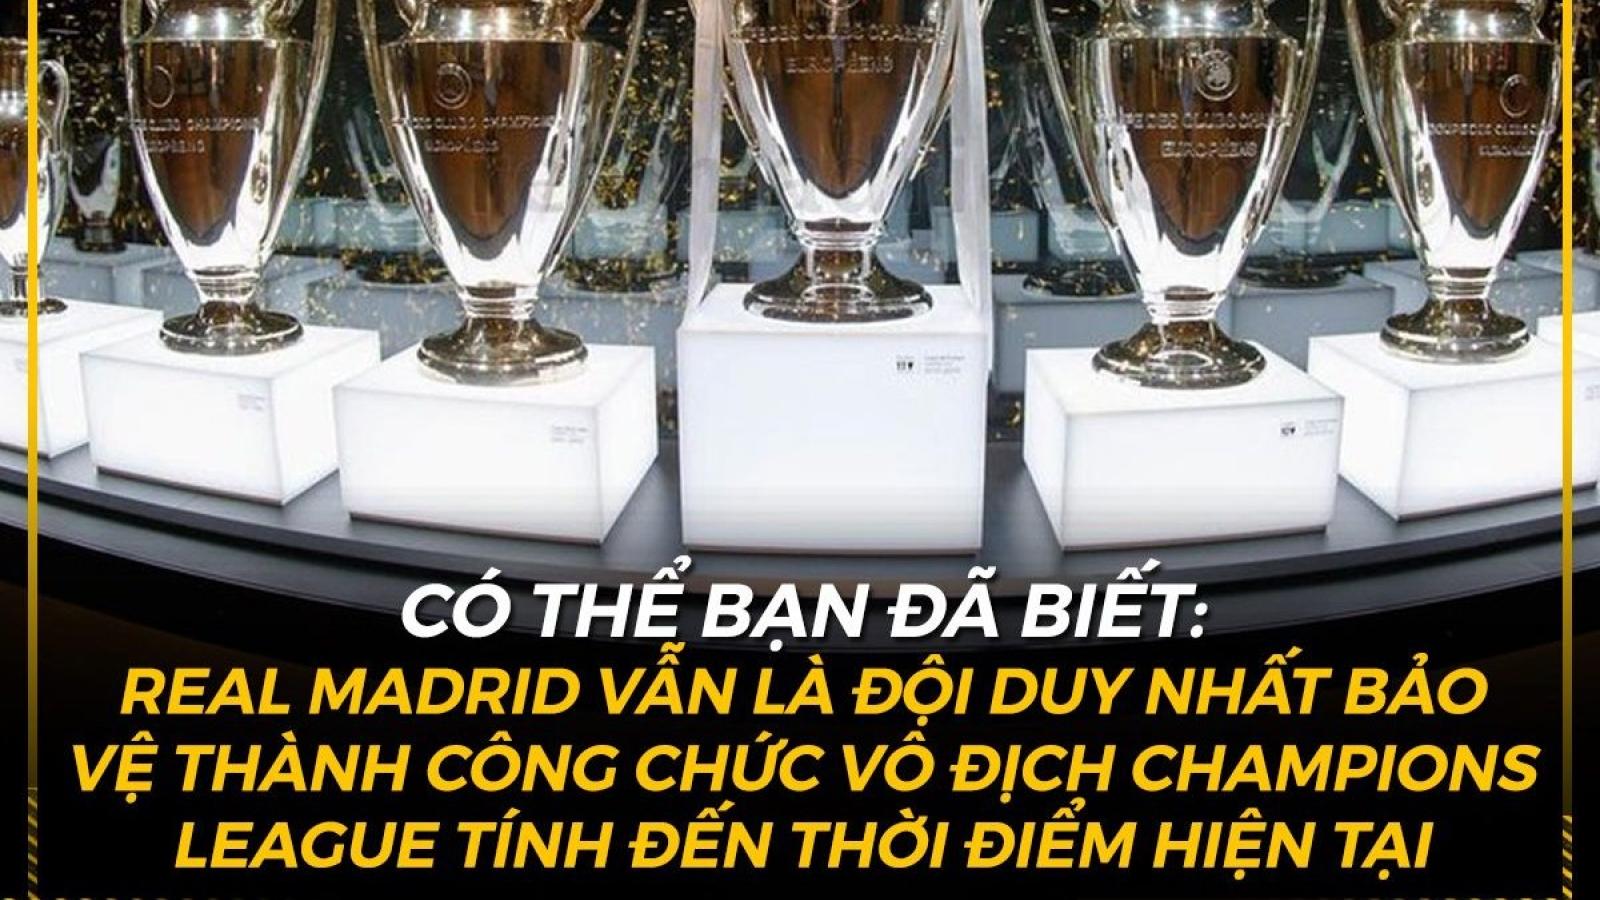 Biếm họa 24h: Real Madrid duy trì kỷ lục khó tin ở Champions League